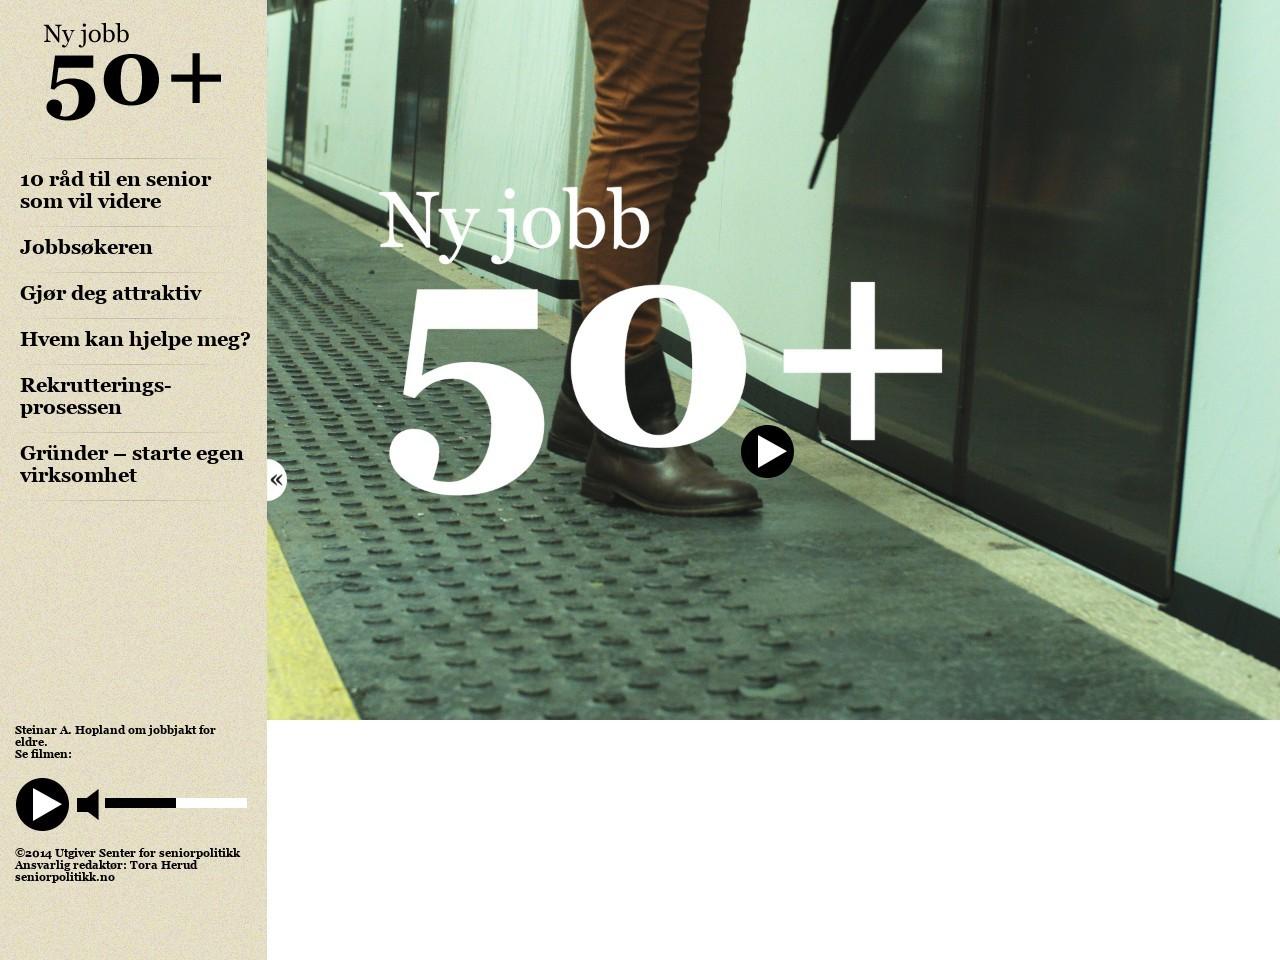 Skjermdump av ny jobb 50+